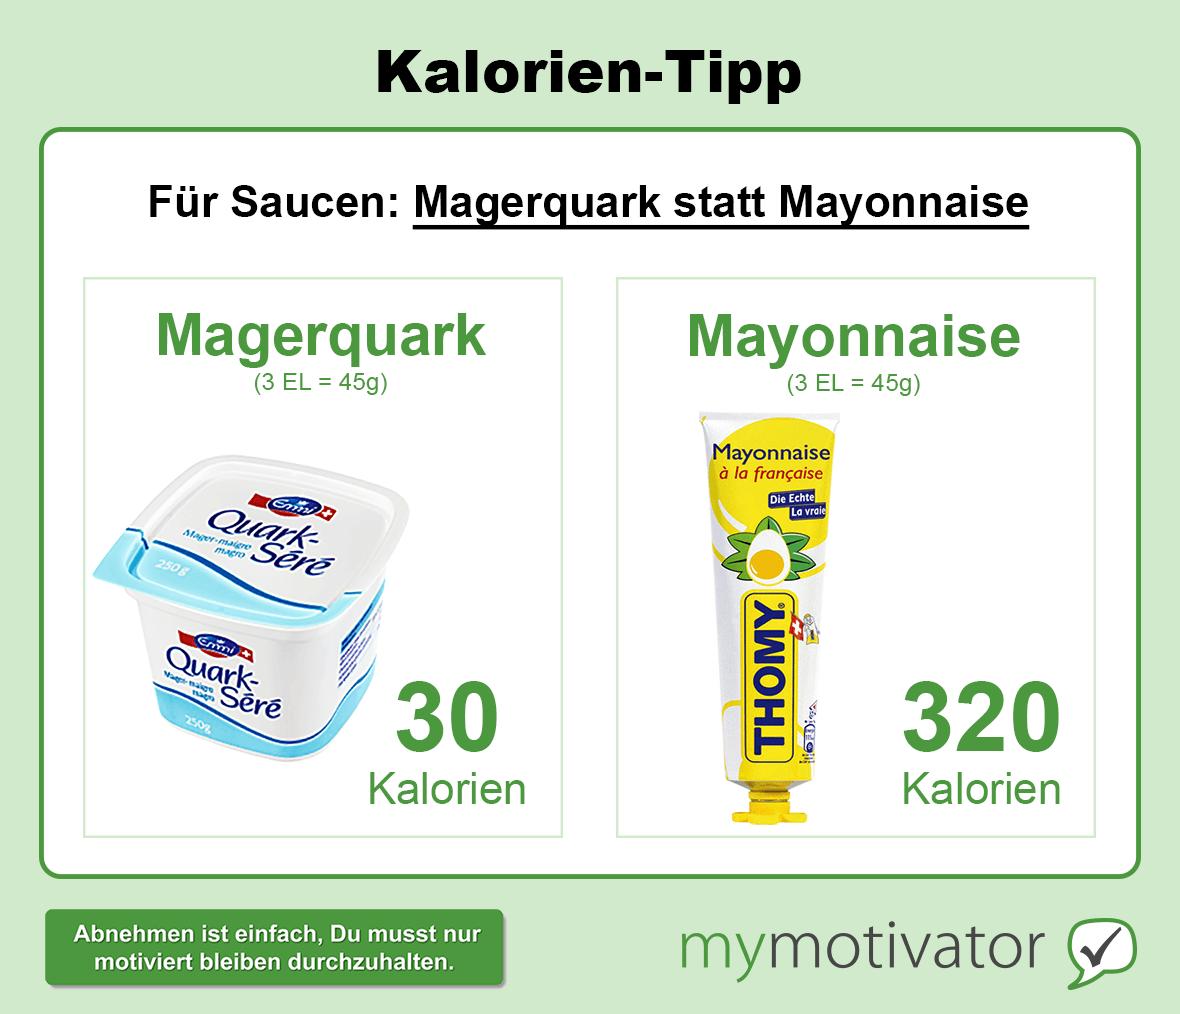 bratwurst kalorien pro stück